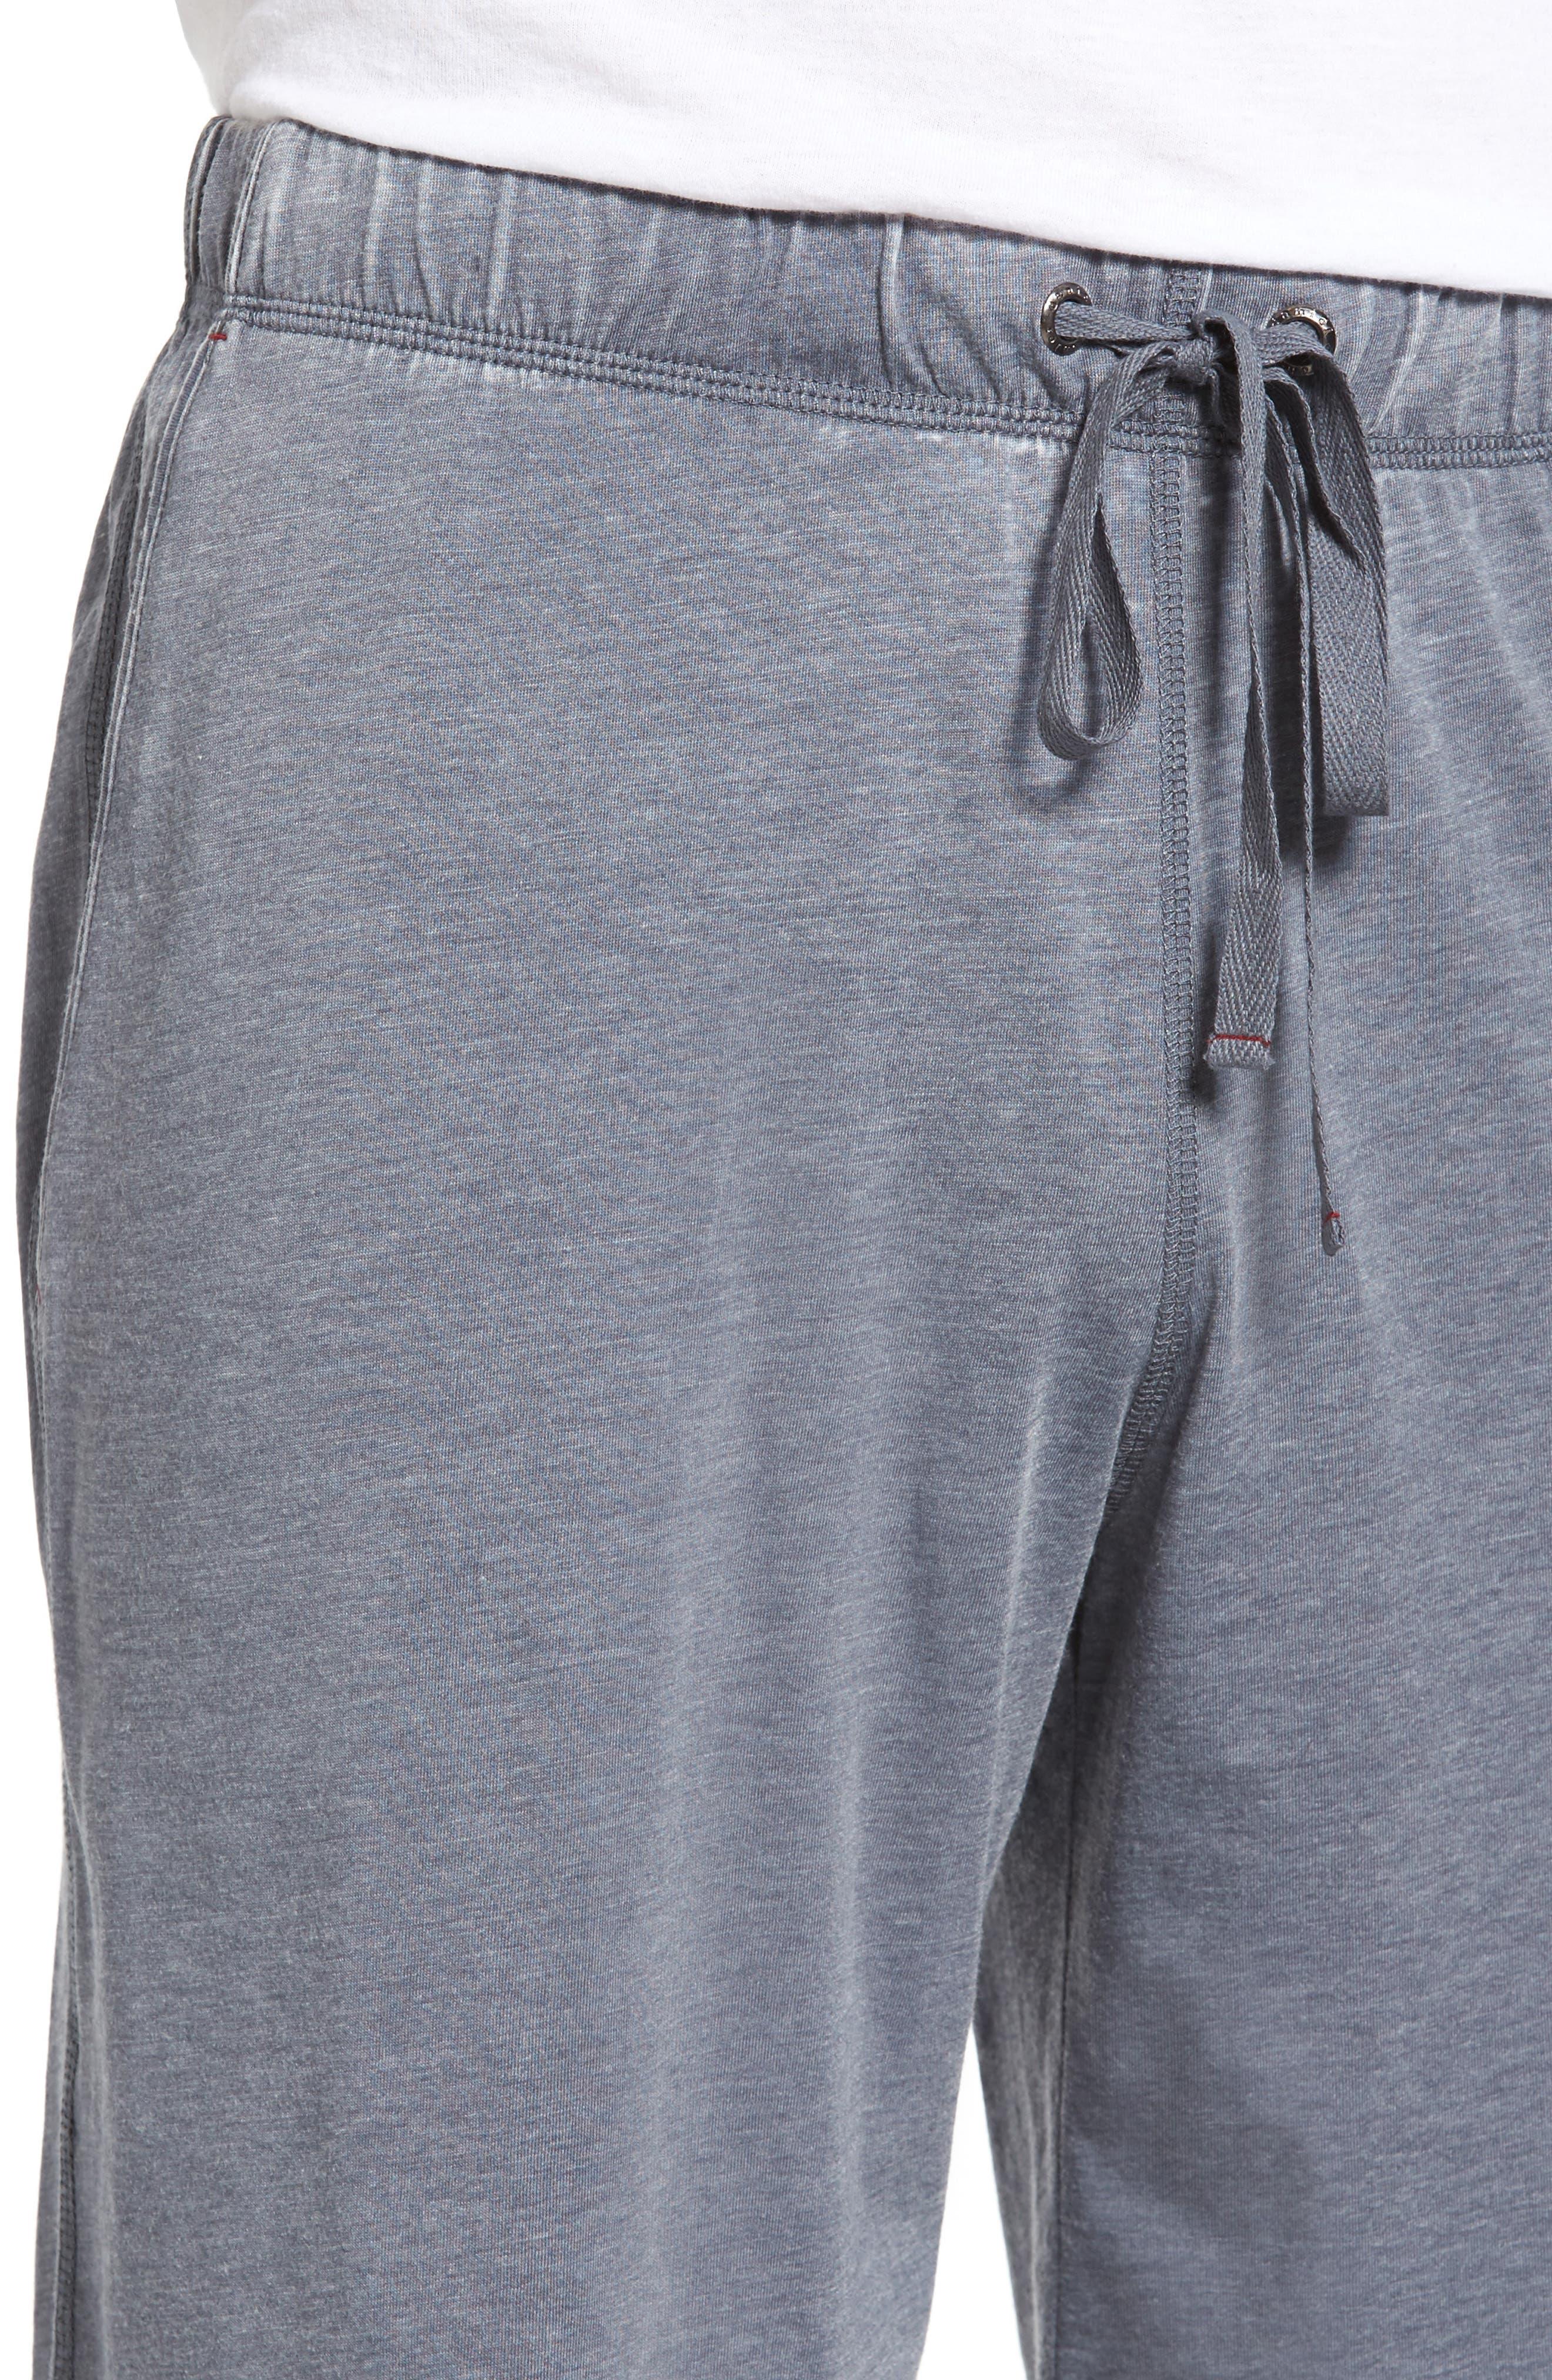 Burnout Lounge Shorts,                             Alternate thumbnail 4, color,                             Charcoal